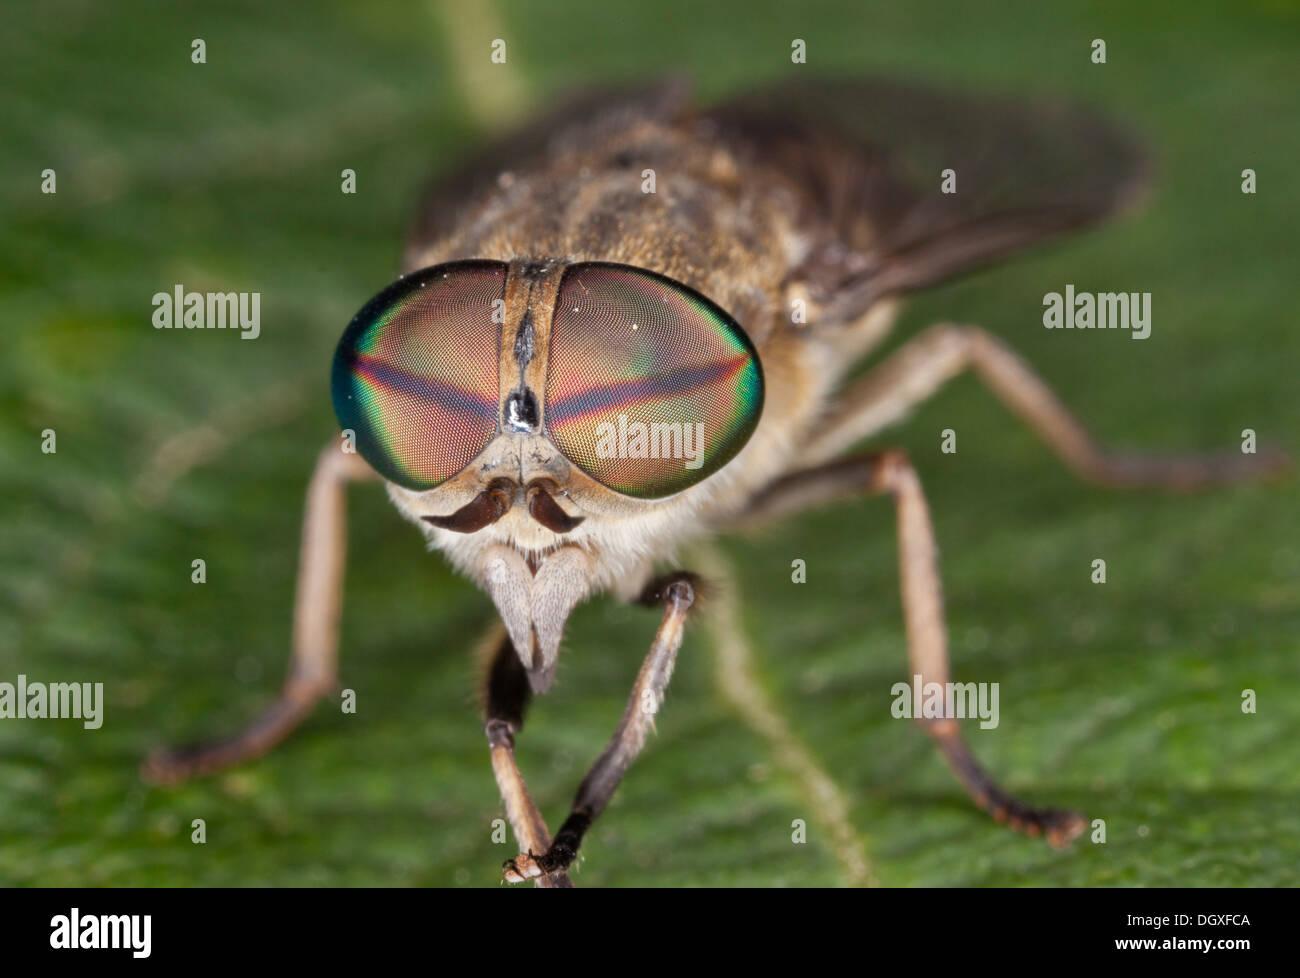 A common medium-sized horsefly, Tabanus bromius, female. Close up of compound eyes, showing single reddish bar. - Stock Image